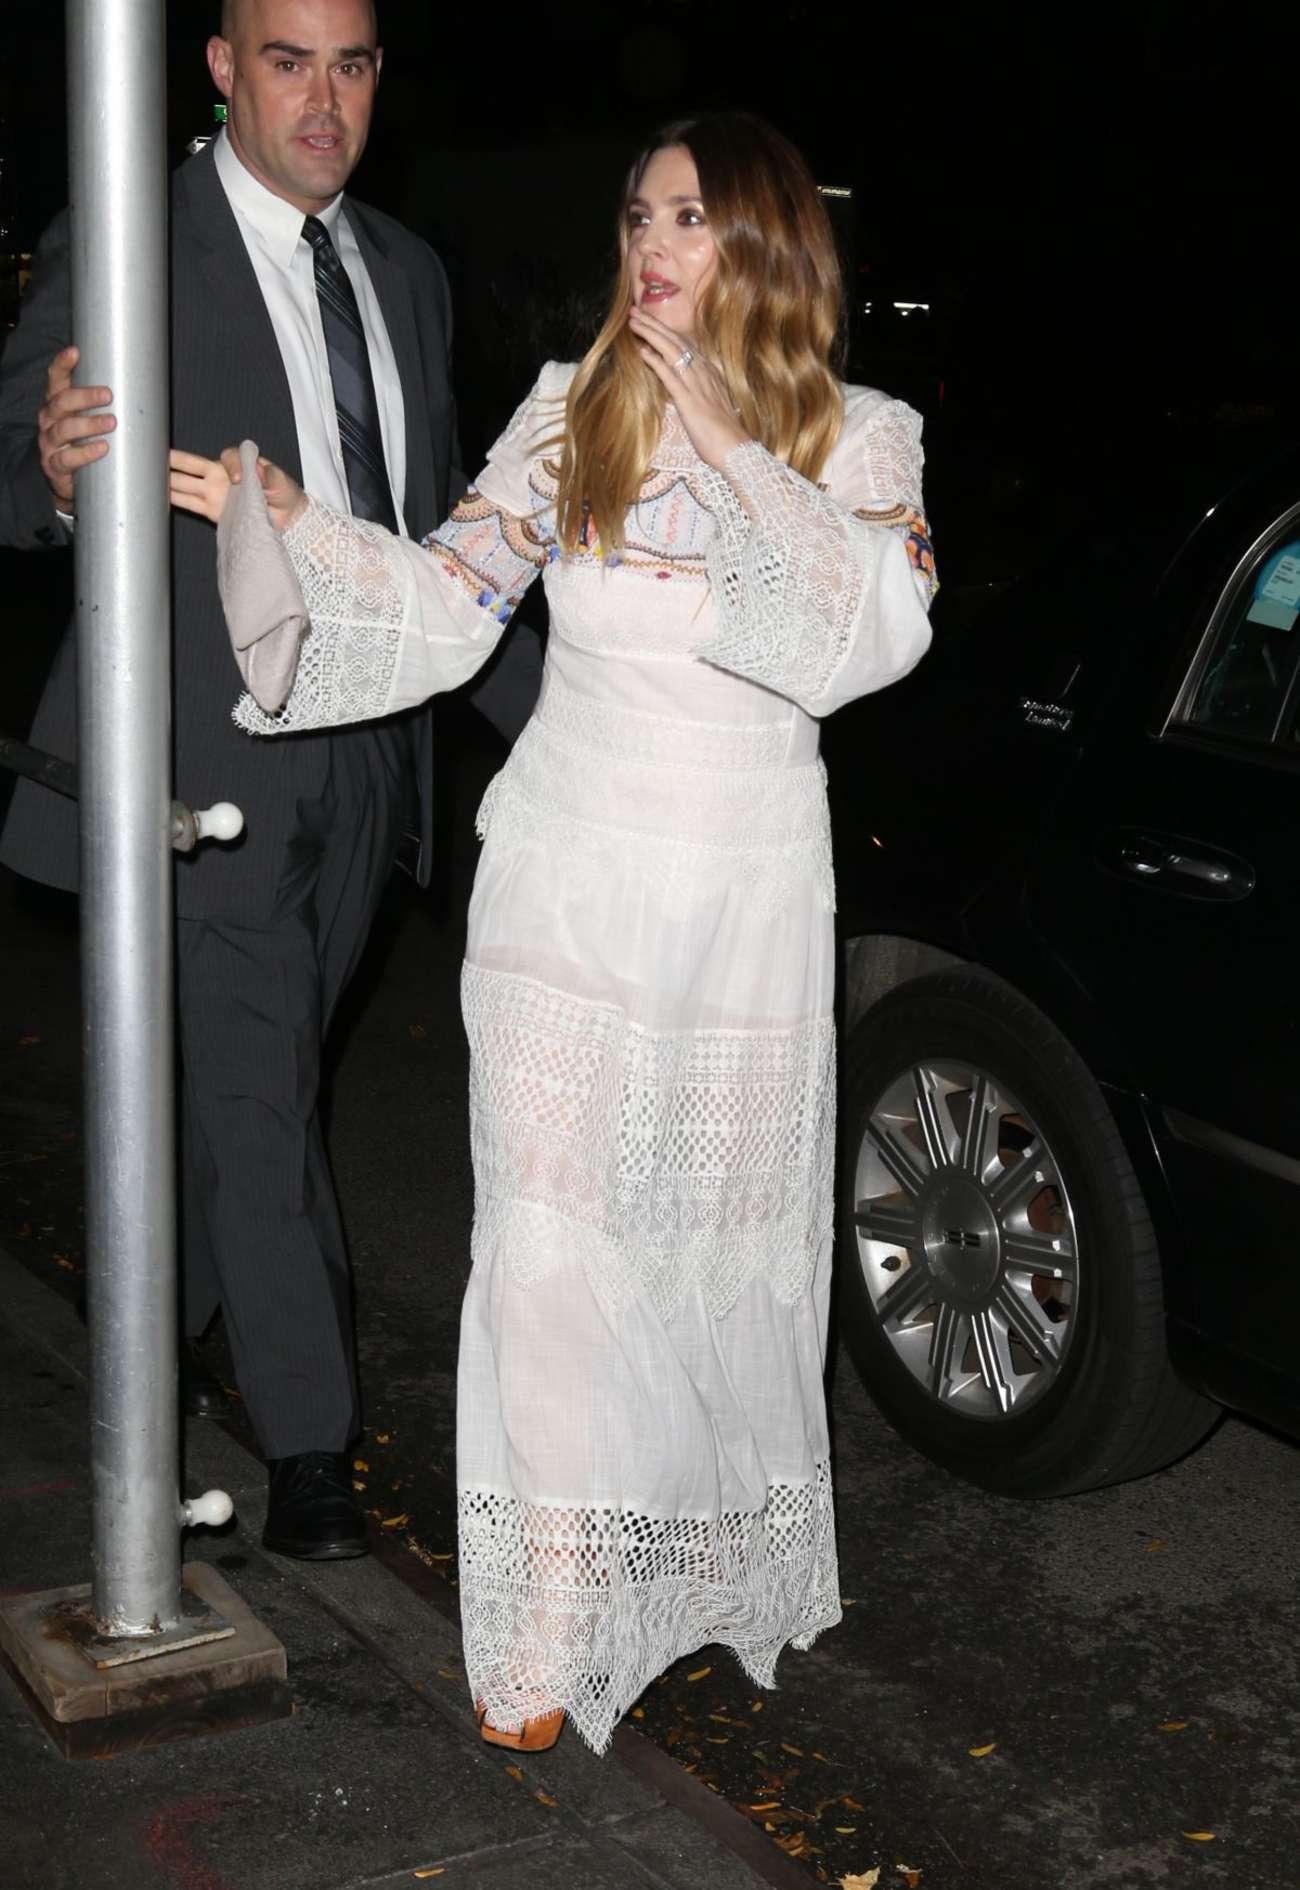 Drew Barrymore 2015 : Drew Barrymore in White Long Dress -01